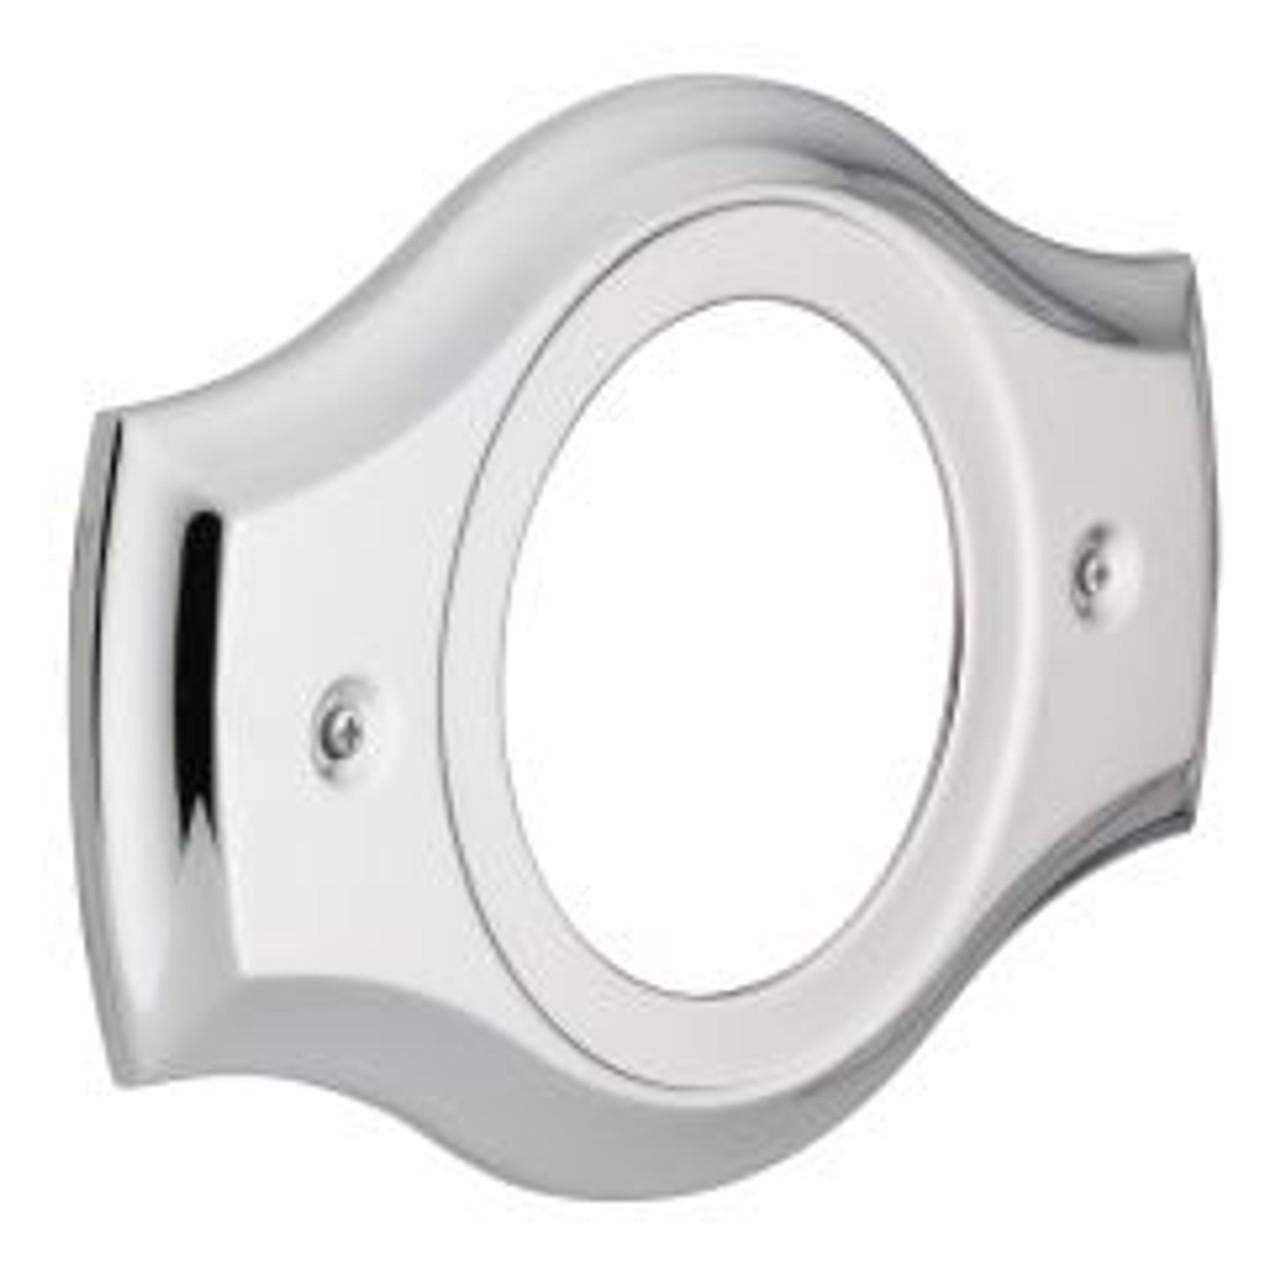 chrome delta faucet rp29827 shower